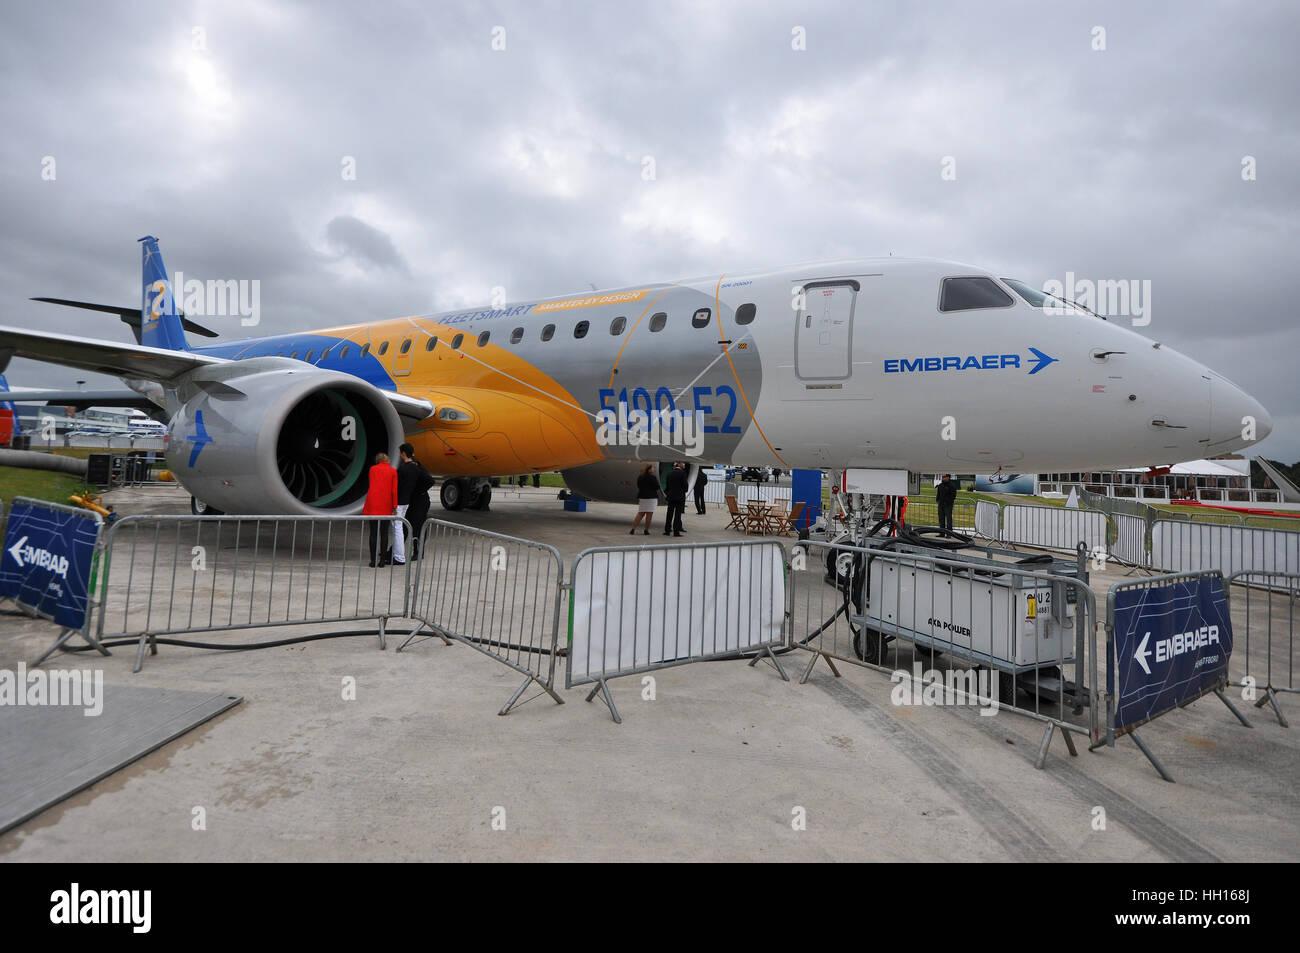 Embraer E-Jets E2 ist eine Familie von drei schmalen Körper mittlerer  Reichweite zweistrahlige Jet Airliners von der brasilianischen Firma  entwickelt Stockfotografie - Alamy